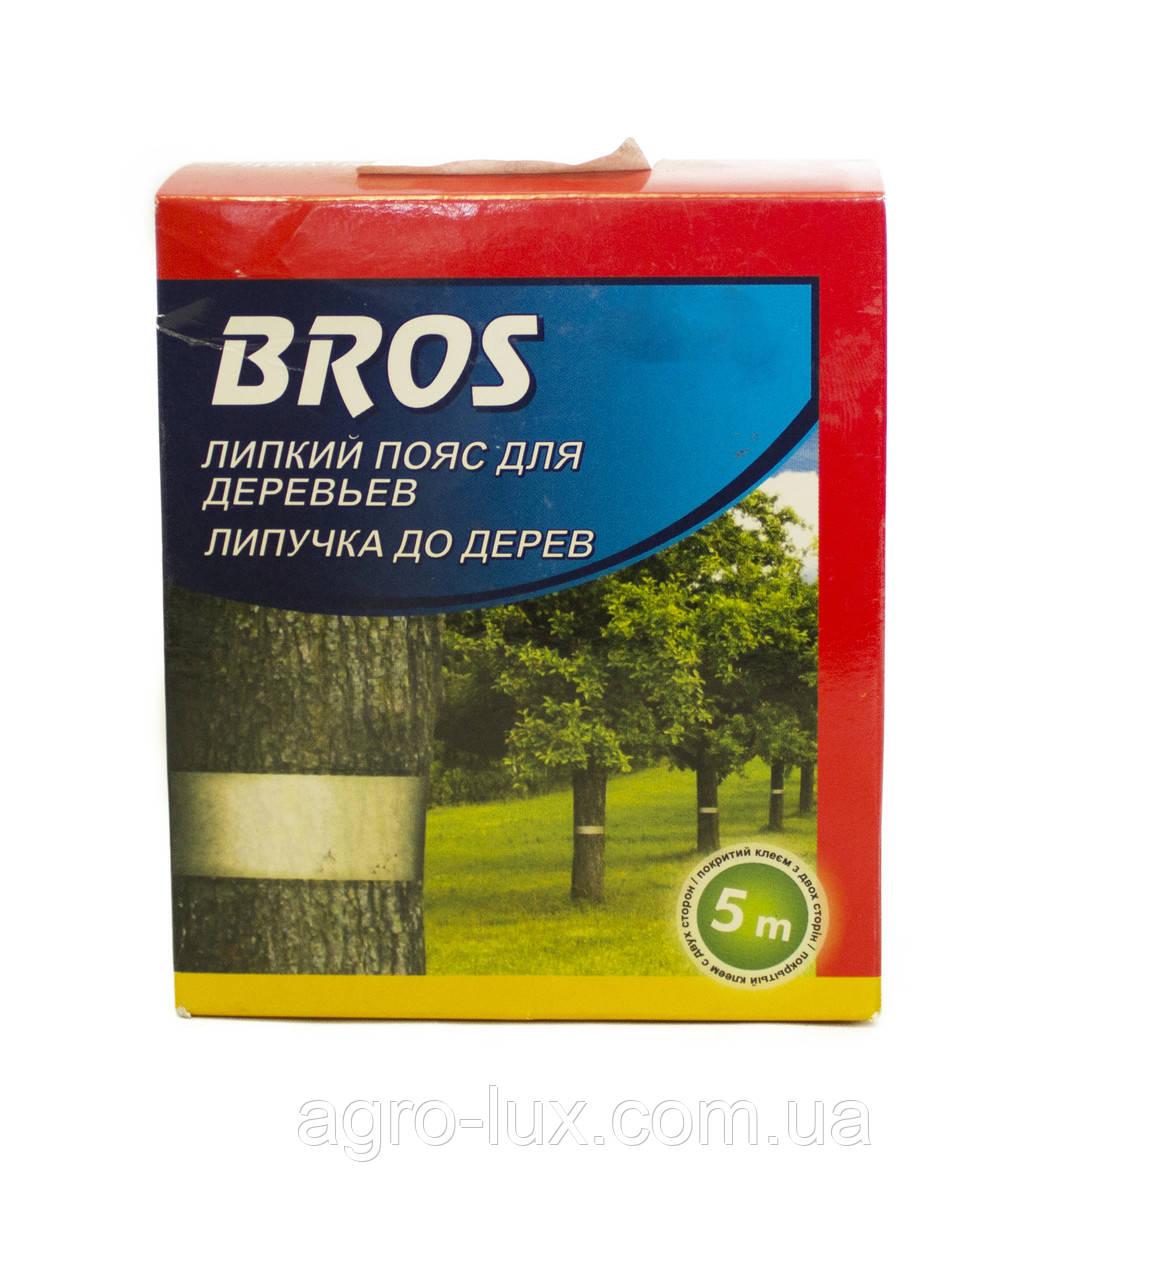 Липкий пояс для деревьев 5 м Bros